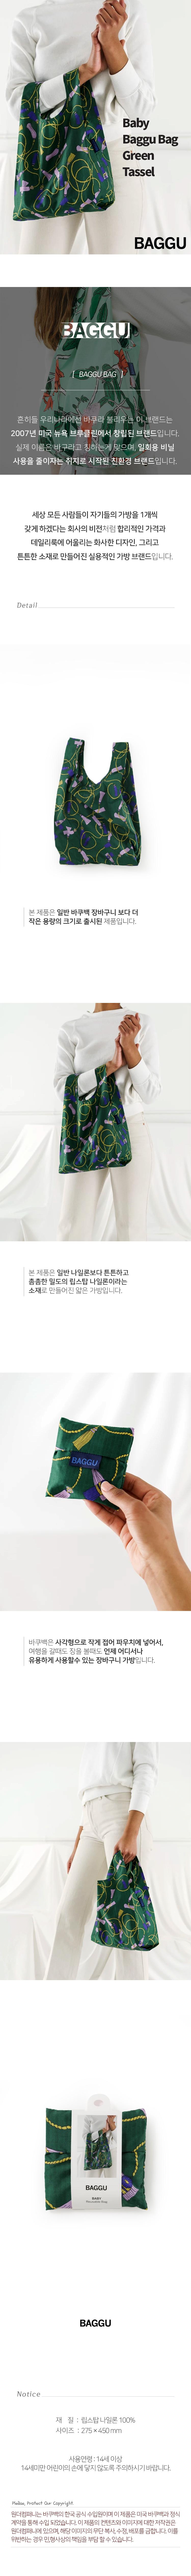 [바쿠백] 소형 베이비 에코백 장바구니 Green Tassel - 원더스토어, 13,000원, 캔버스/에코백, 에코백